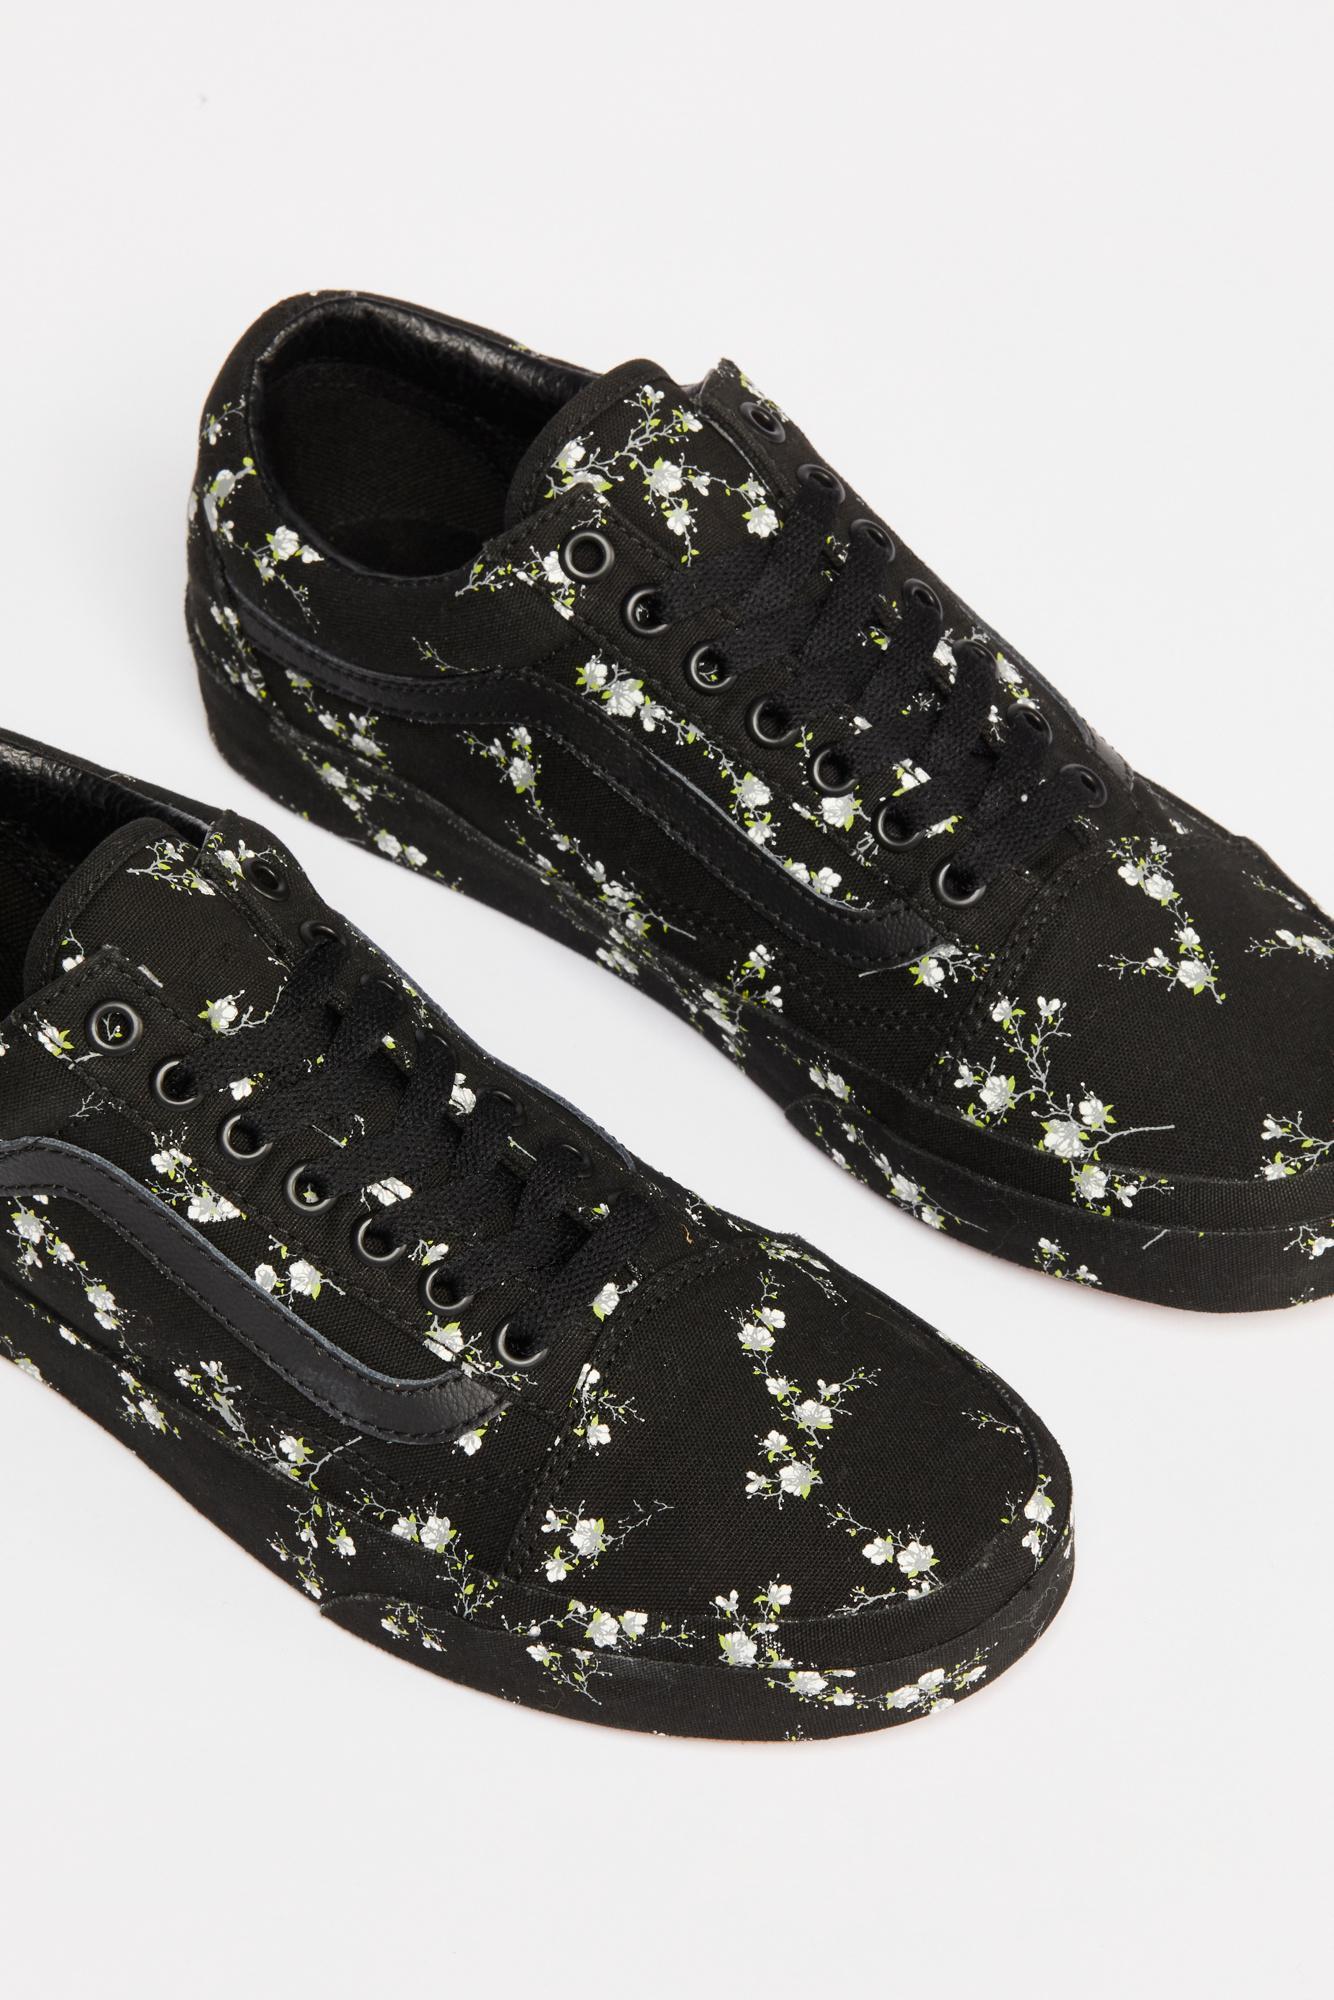 4fef0b8290 Lyst - Free People Old Skool Midnight Floral Sneaker in Black